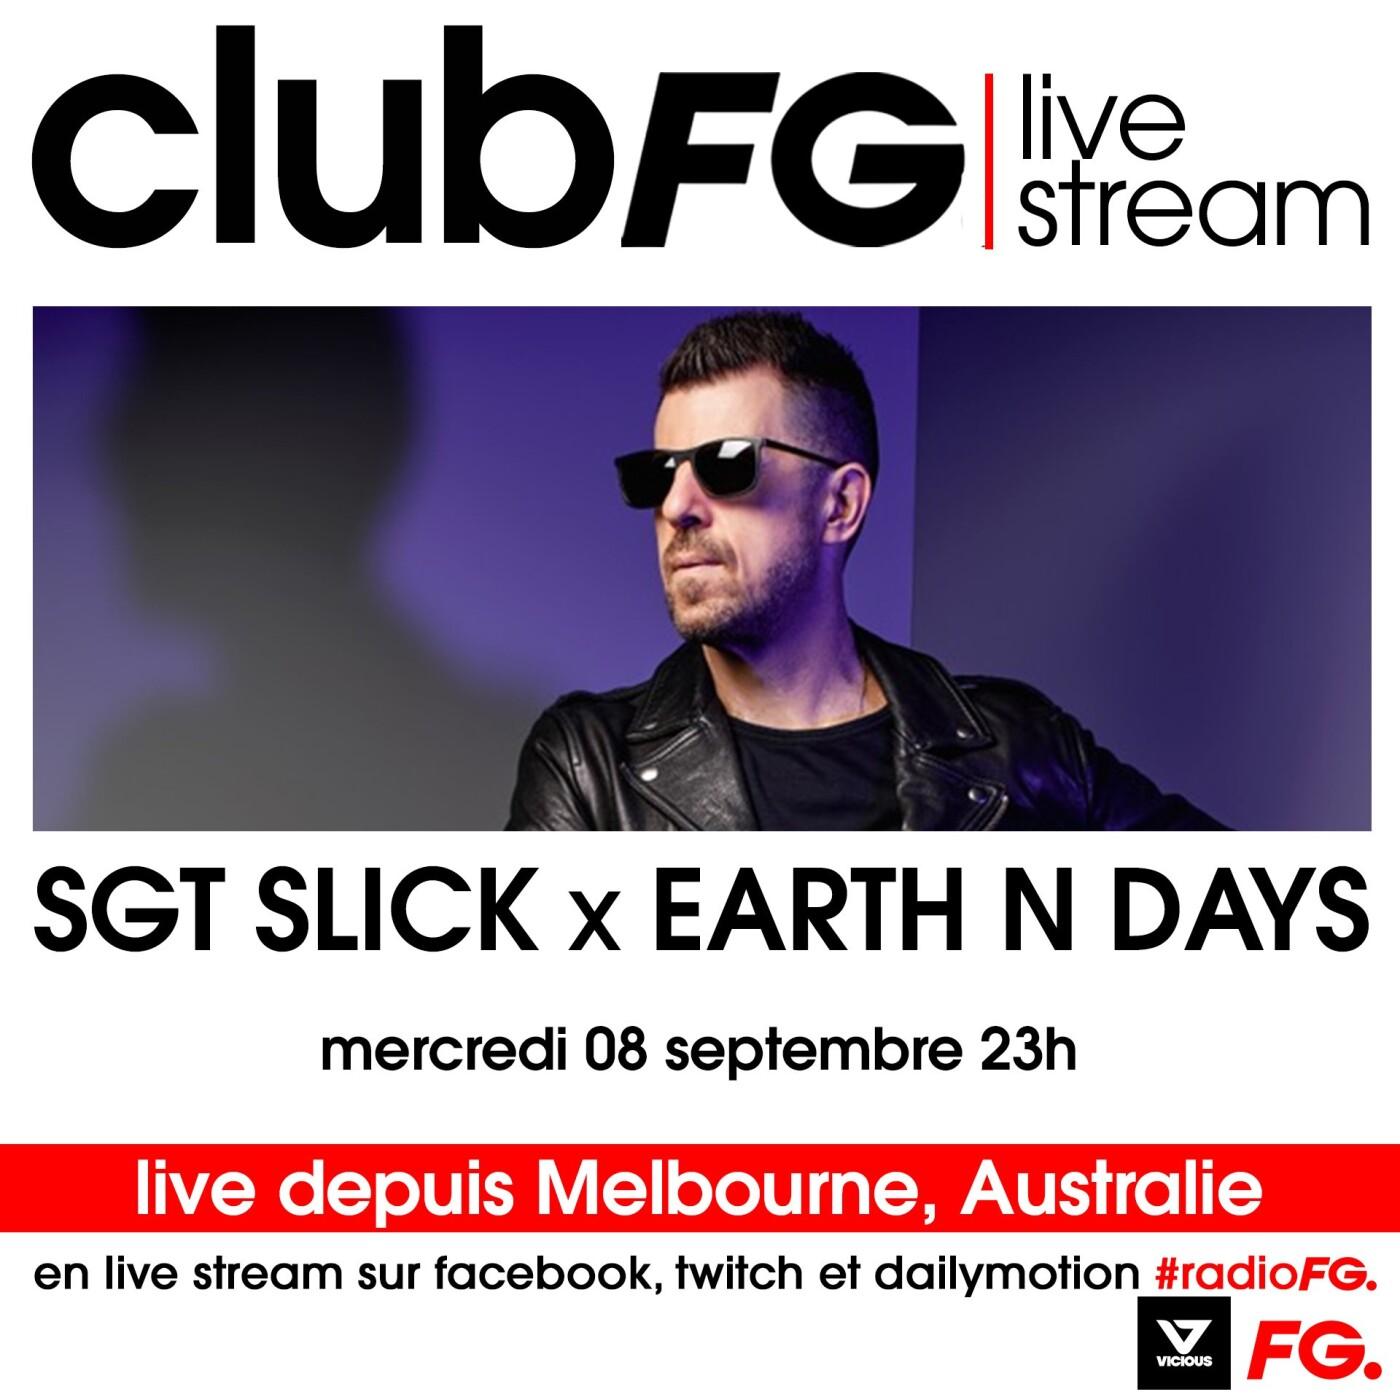 CLUB FG LIVE STREAM : SGT SLICK & EARTH N DAYS